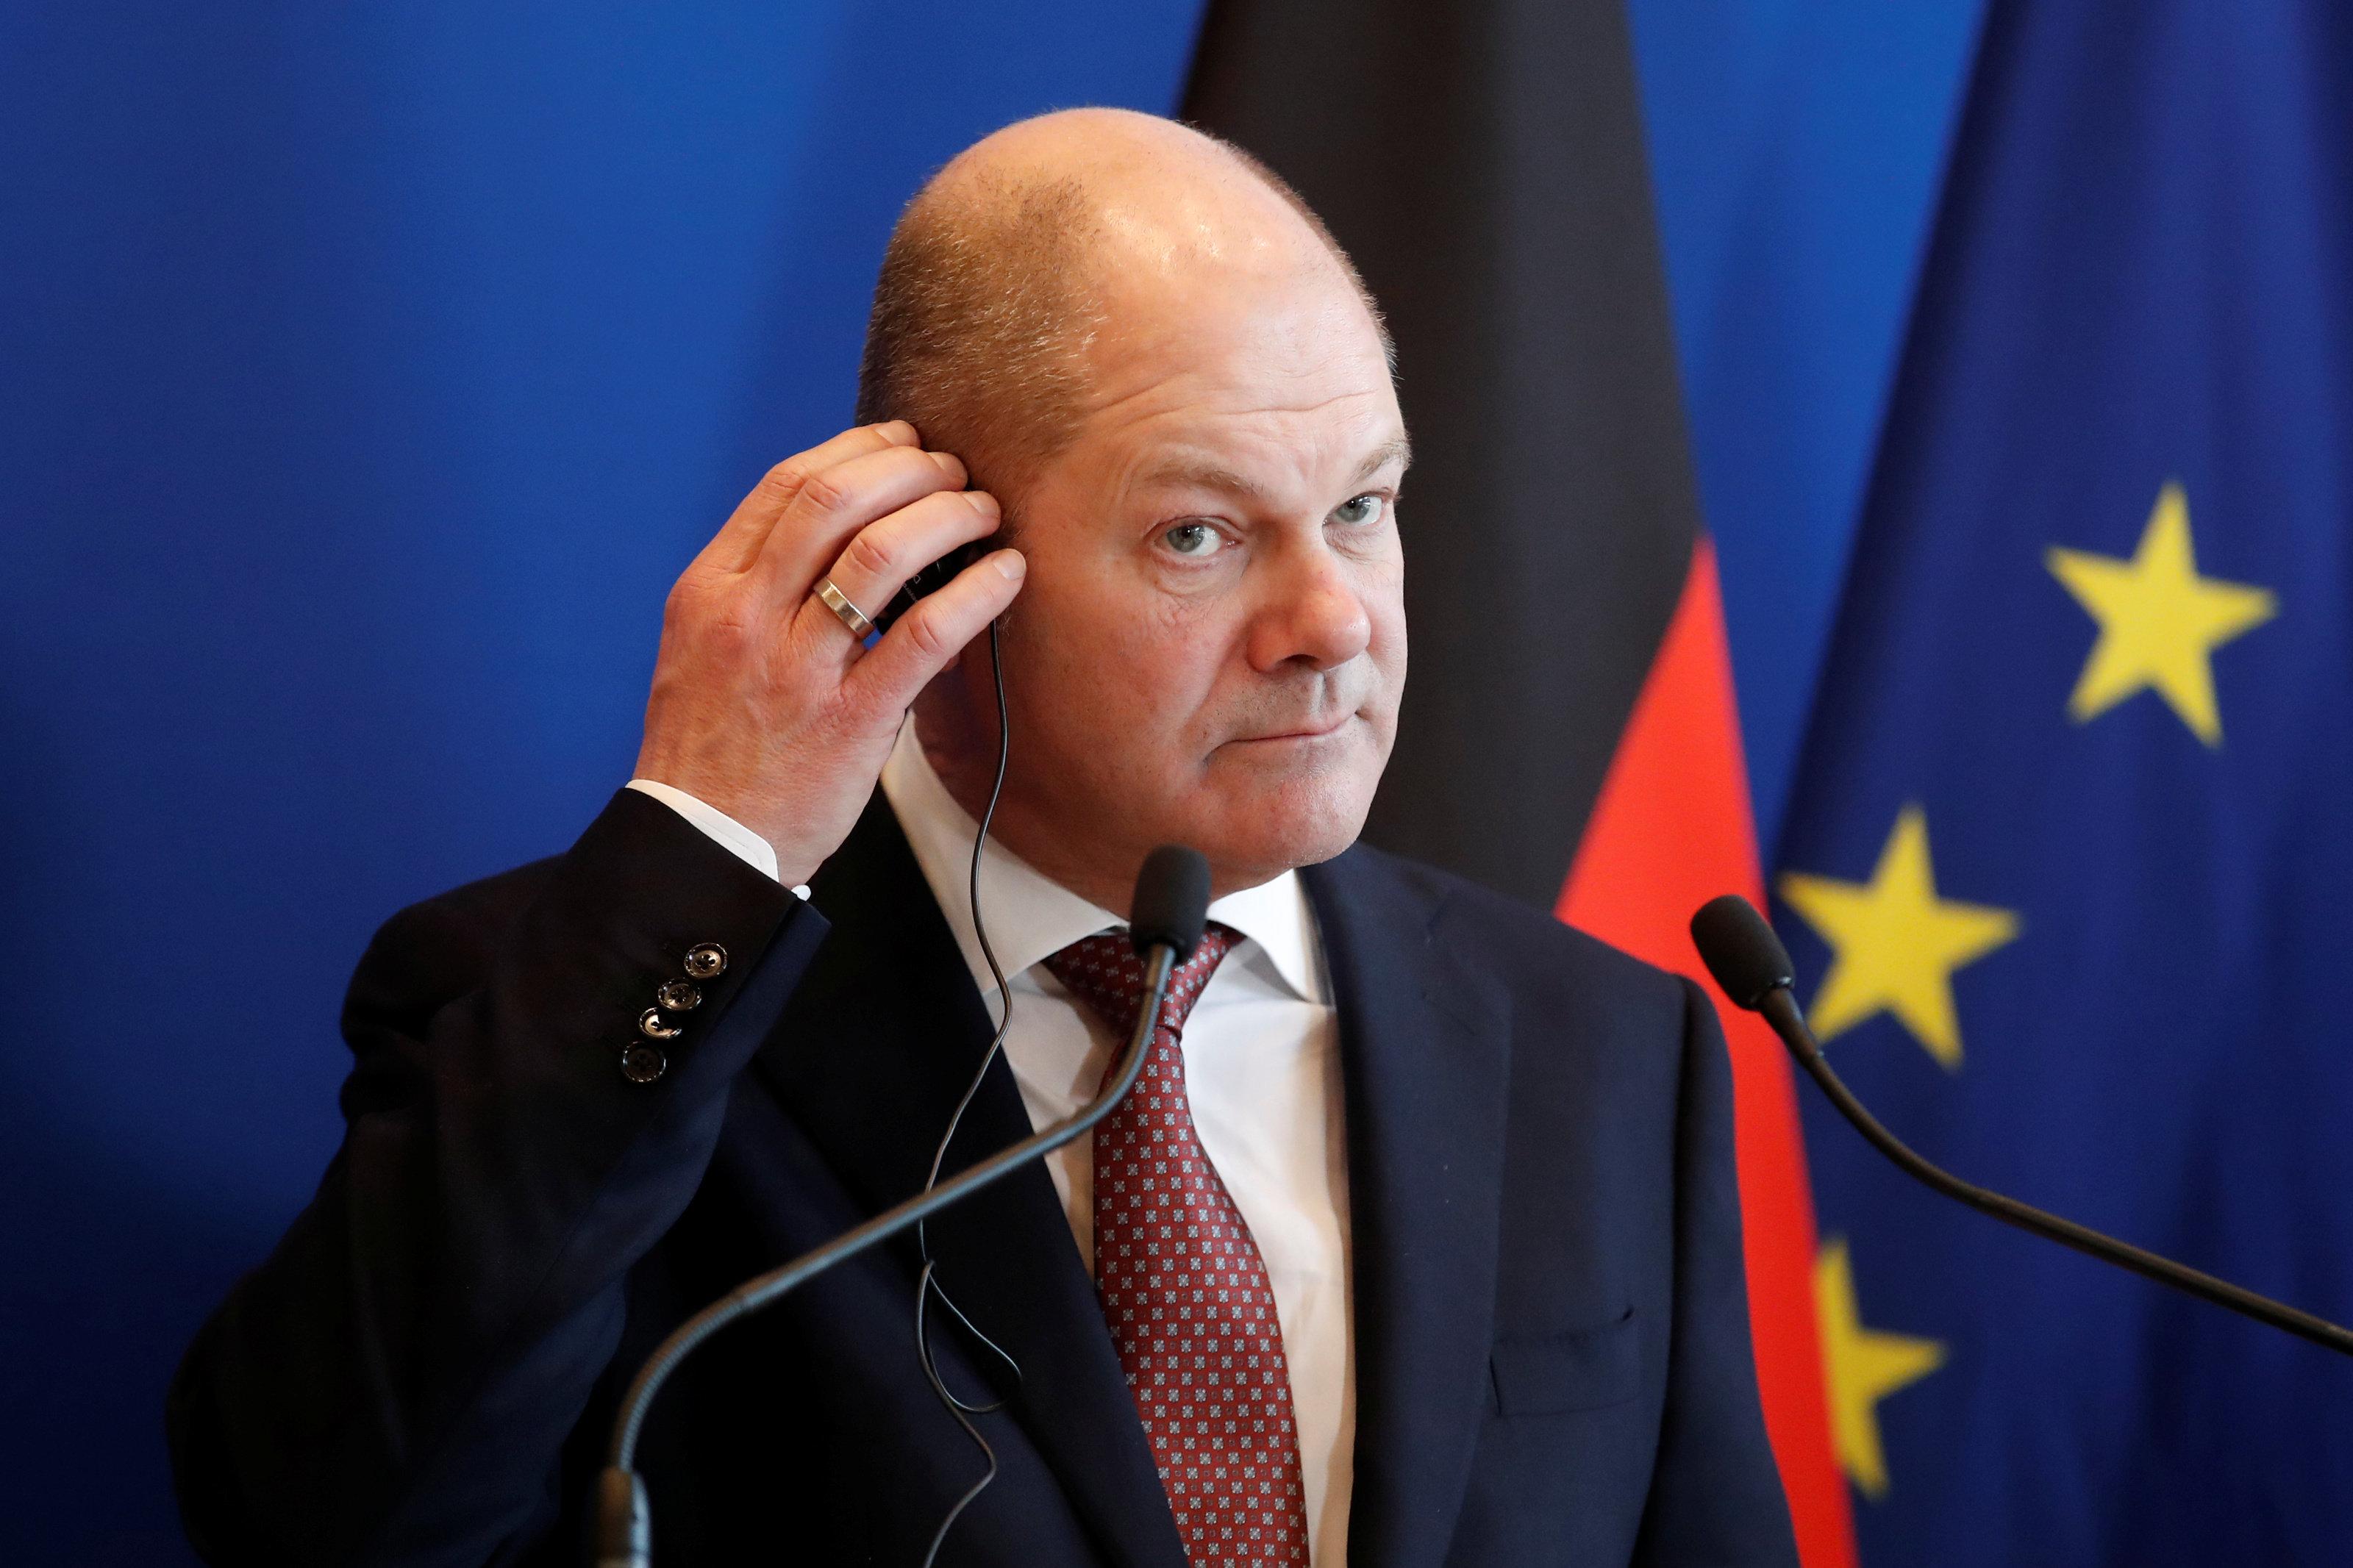 Scholz kündigt neuen Kurs in Europa an: